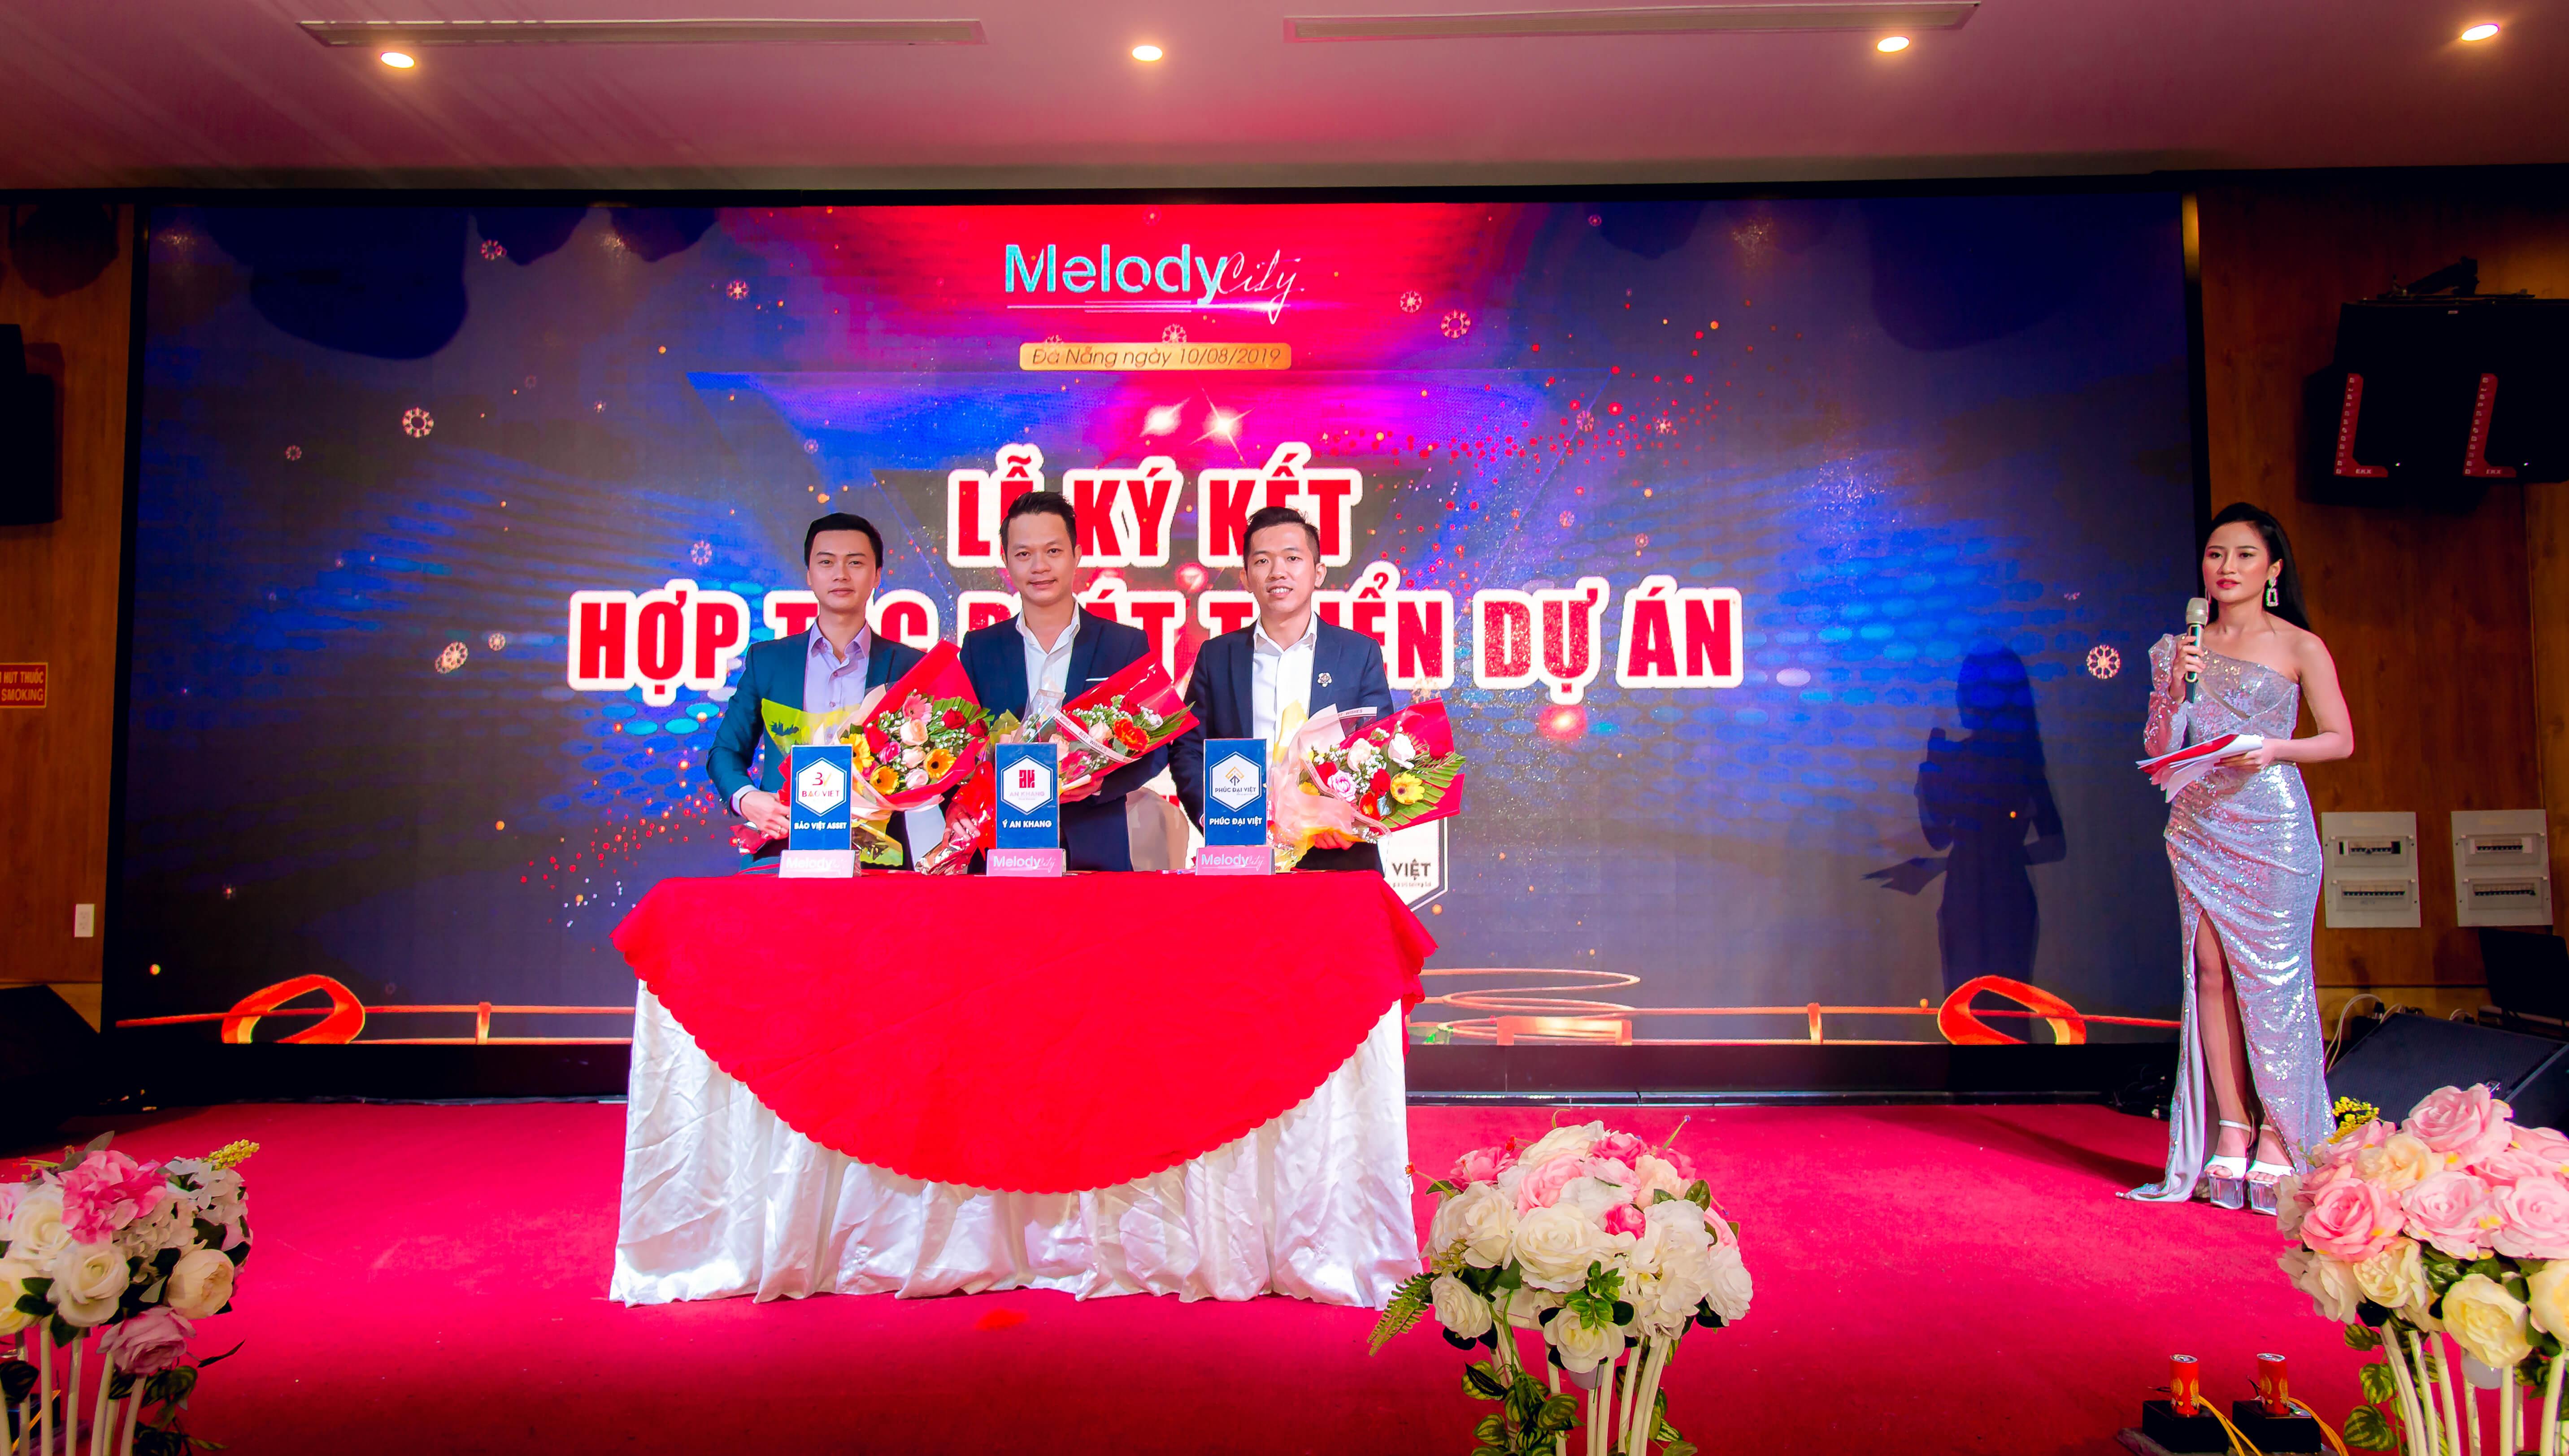 Lễ Ra mắt dự án melody city 12